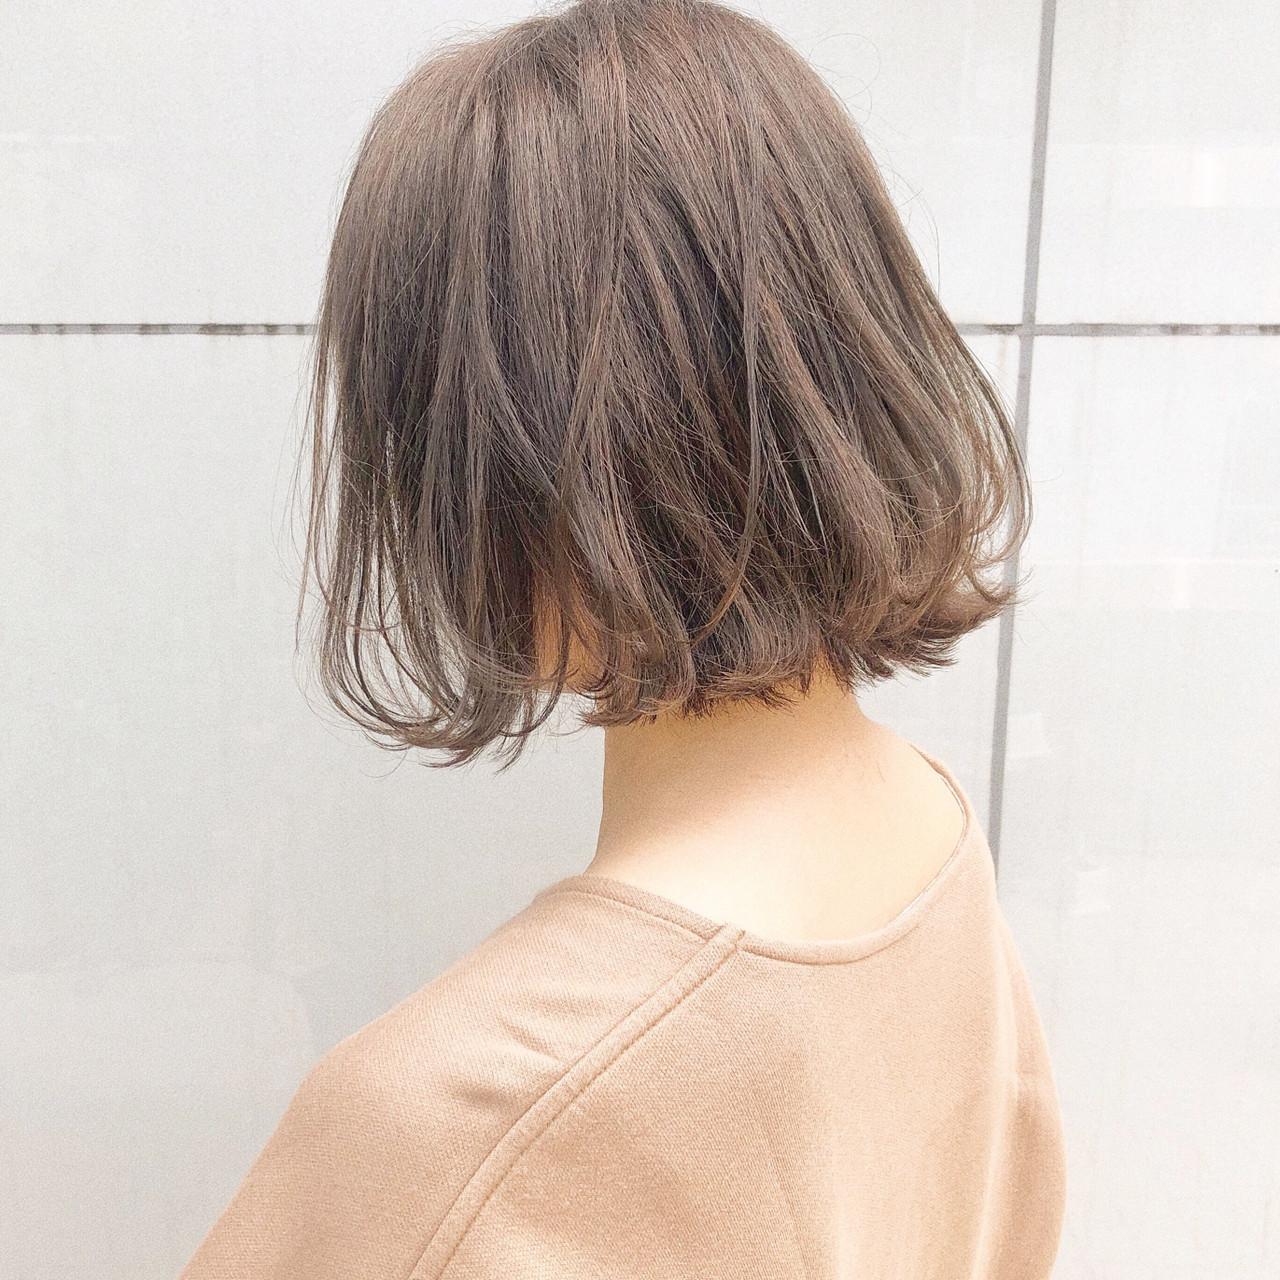 ボブ ヘアアレンジ 簡単ヘアアレンジ デート ヘアスタイルや髪型の写真・画像   『ボブ美容師』永田邦彦 表参道 / send by HAIR